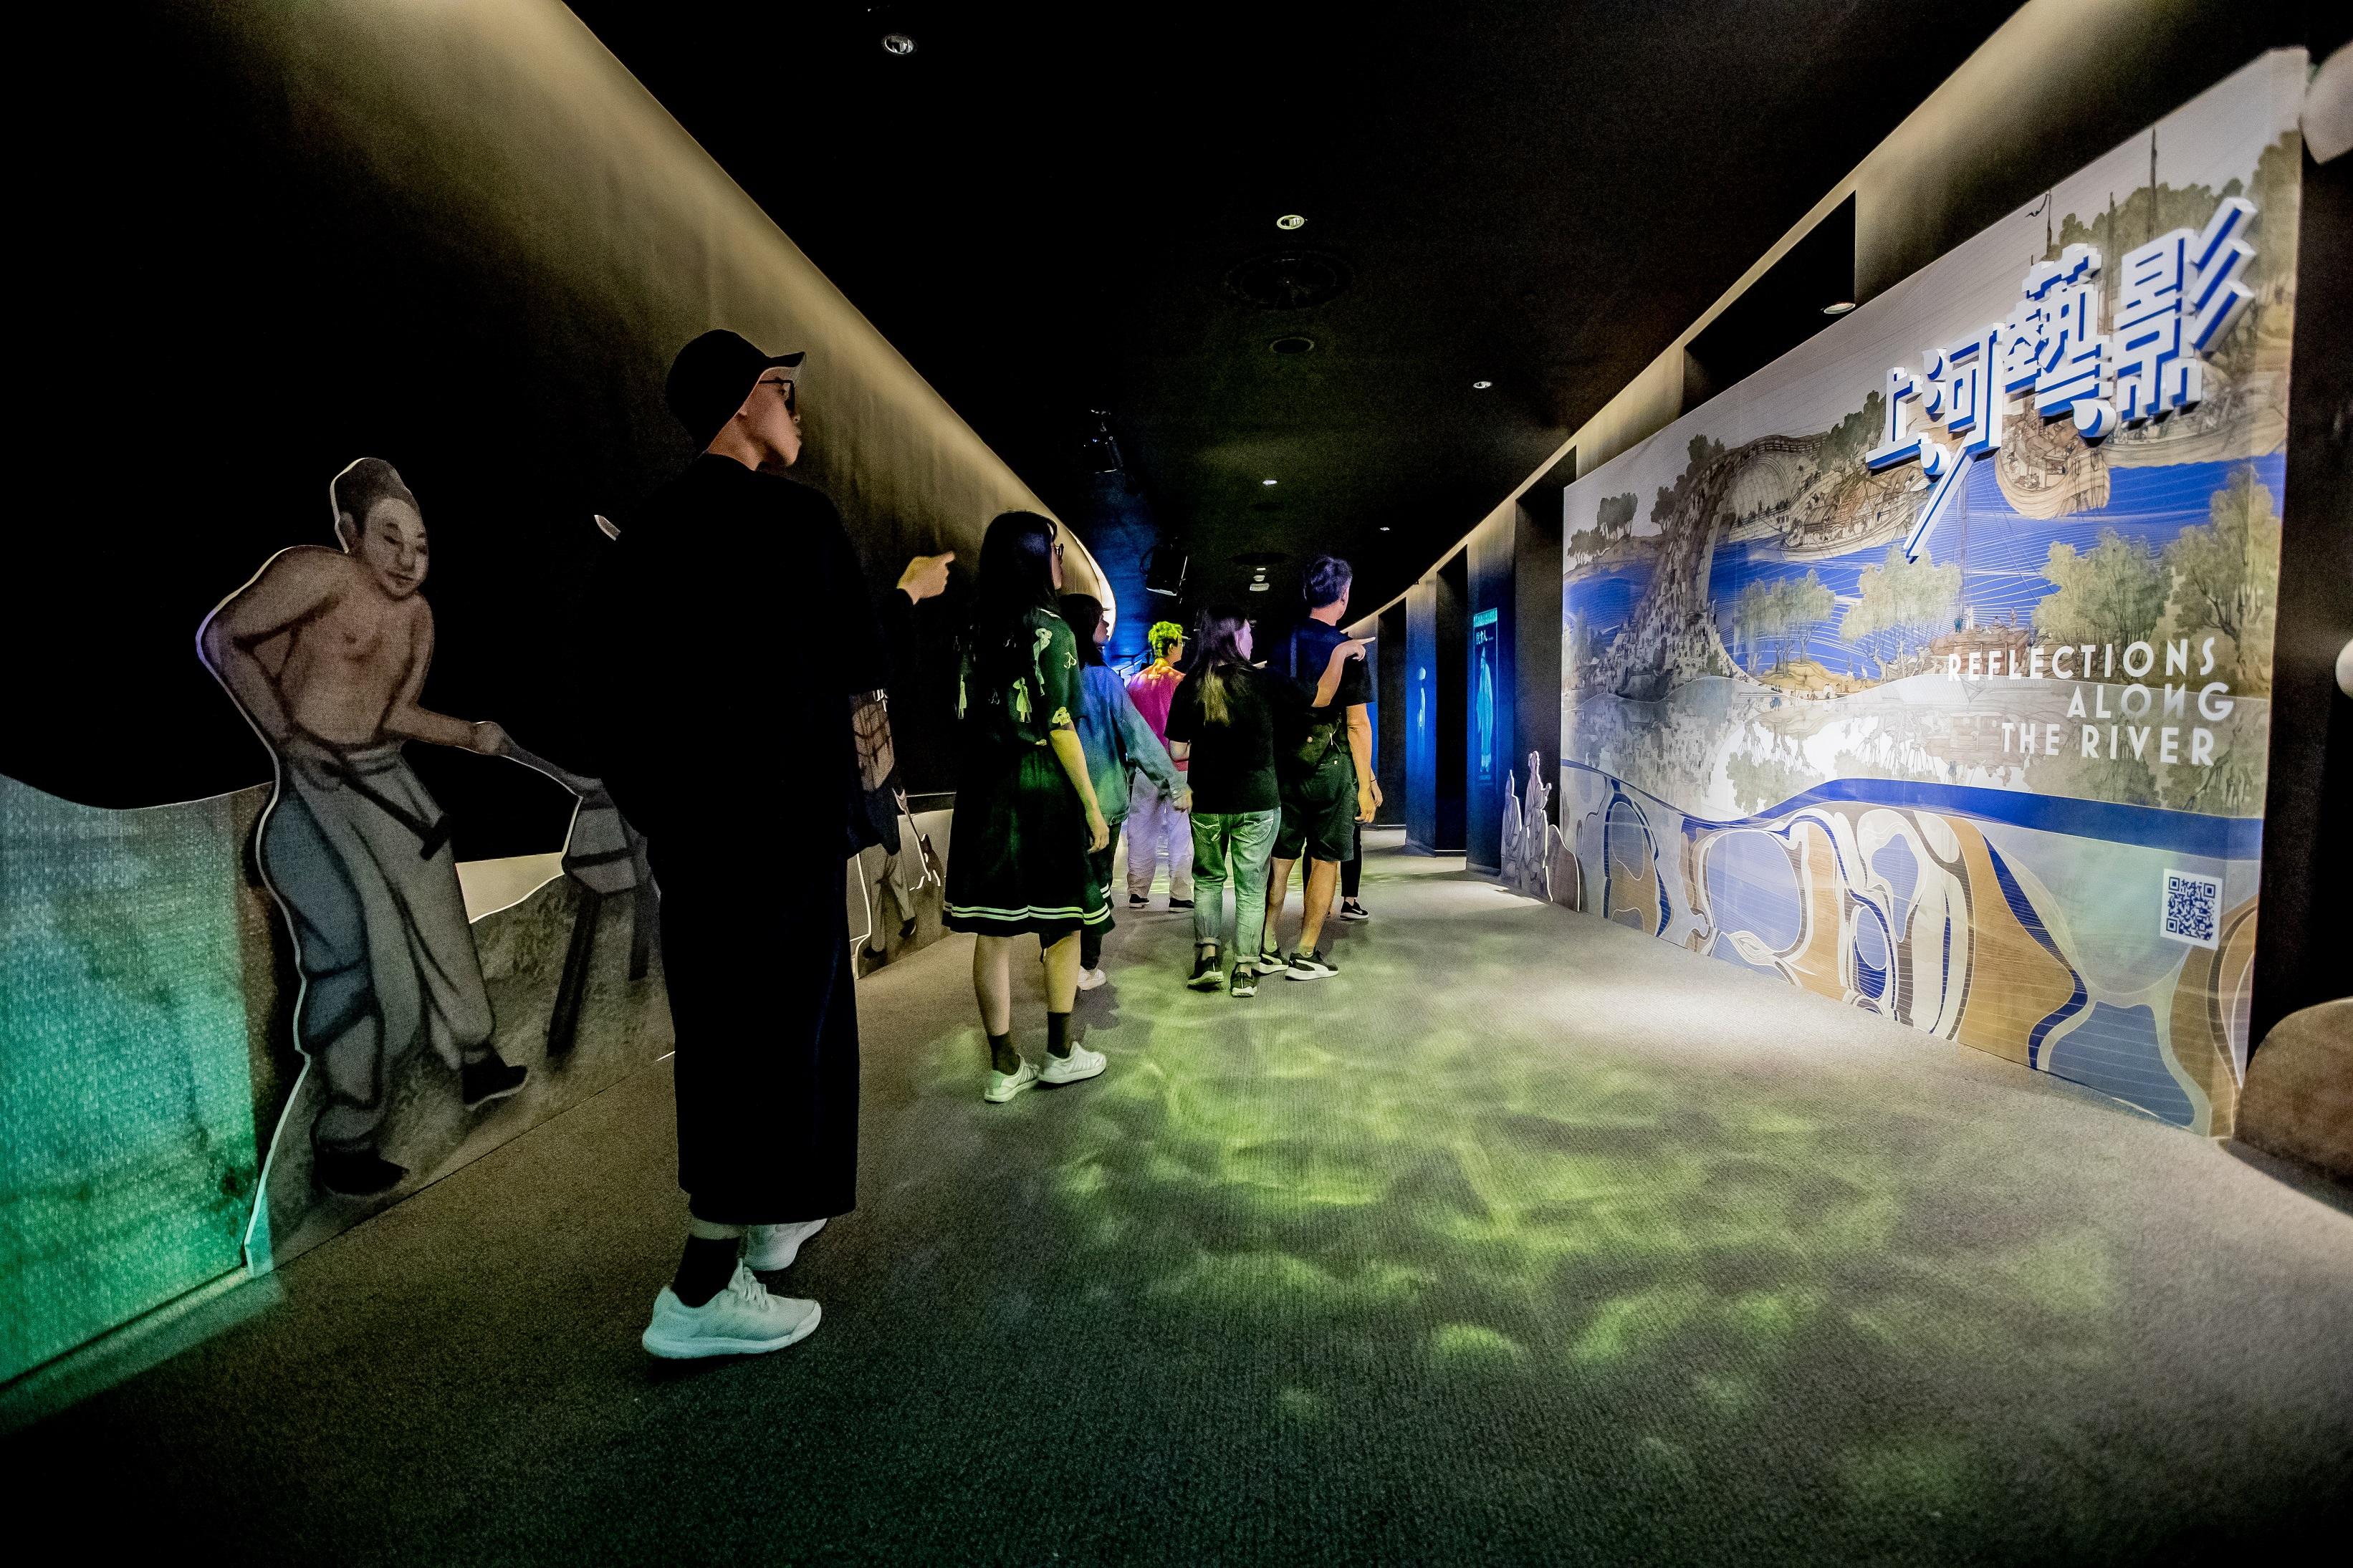 「上河藝影:故宮×衛武營新媒體藝術展」,也將持續展出至1月30日(四)結束